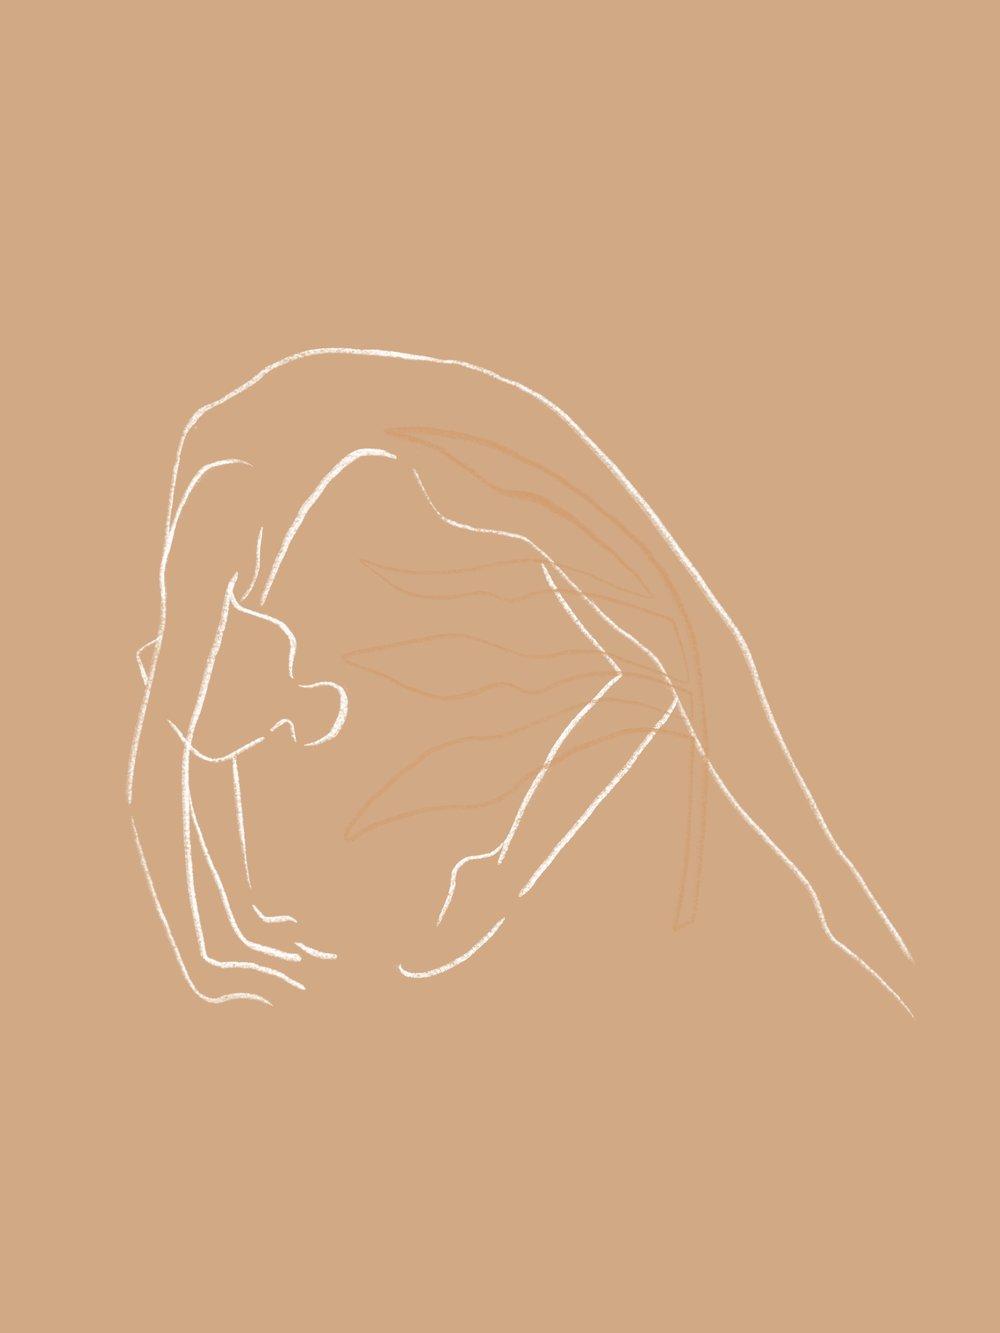 Asana - Simple illustration depicting various asana postures.